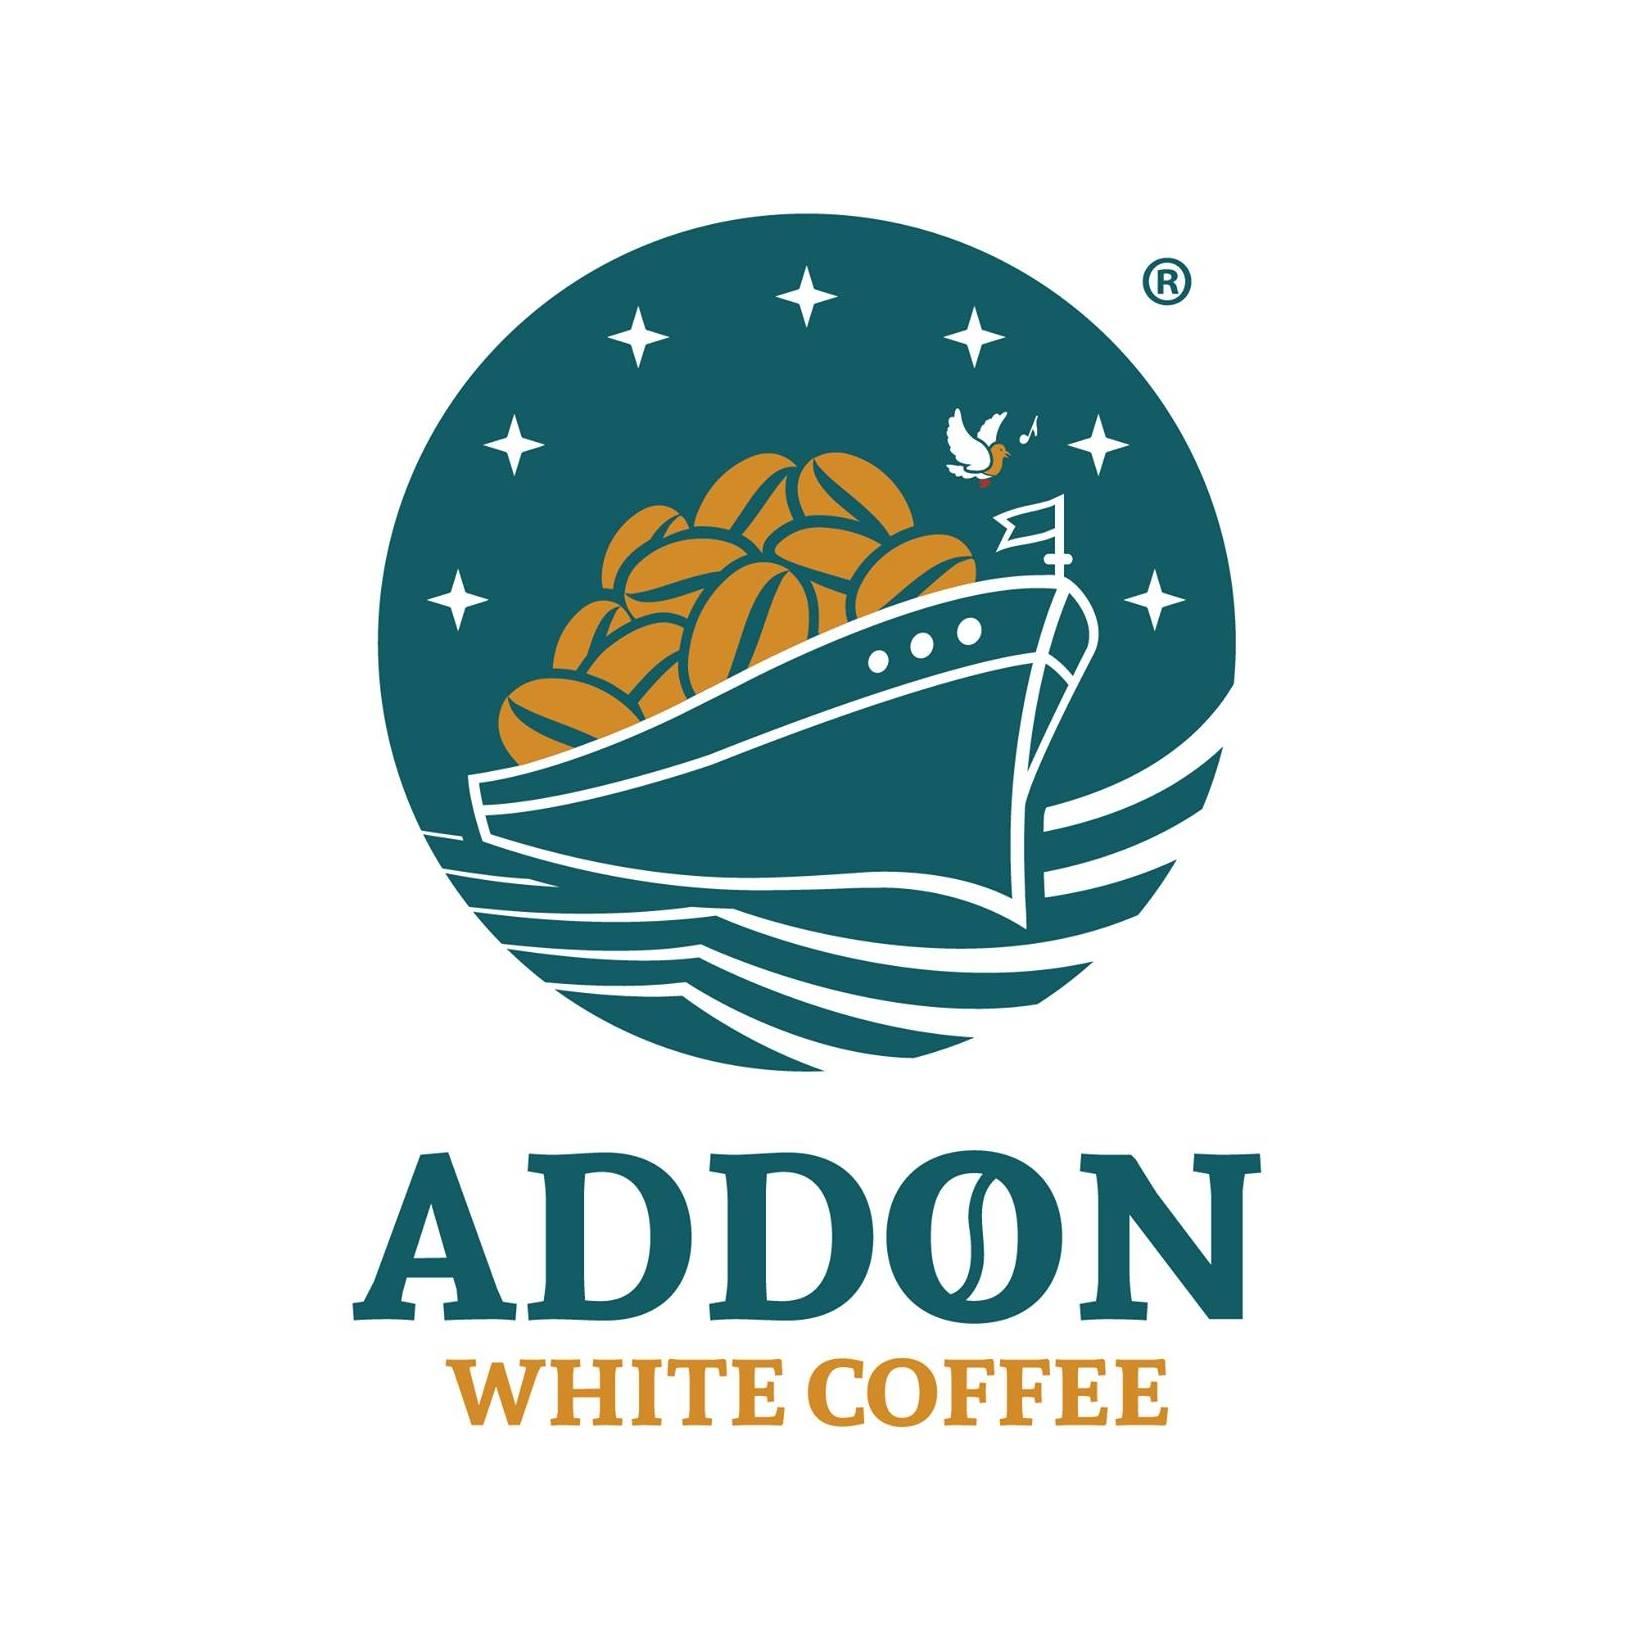 Addon